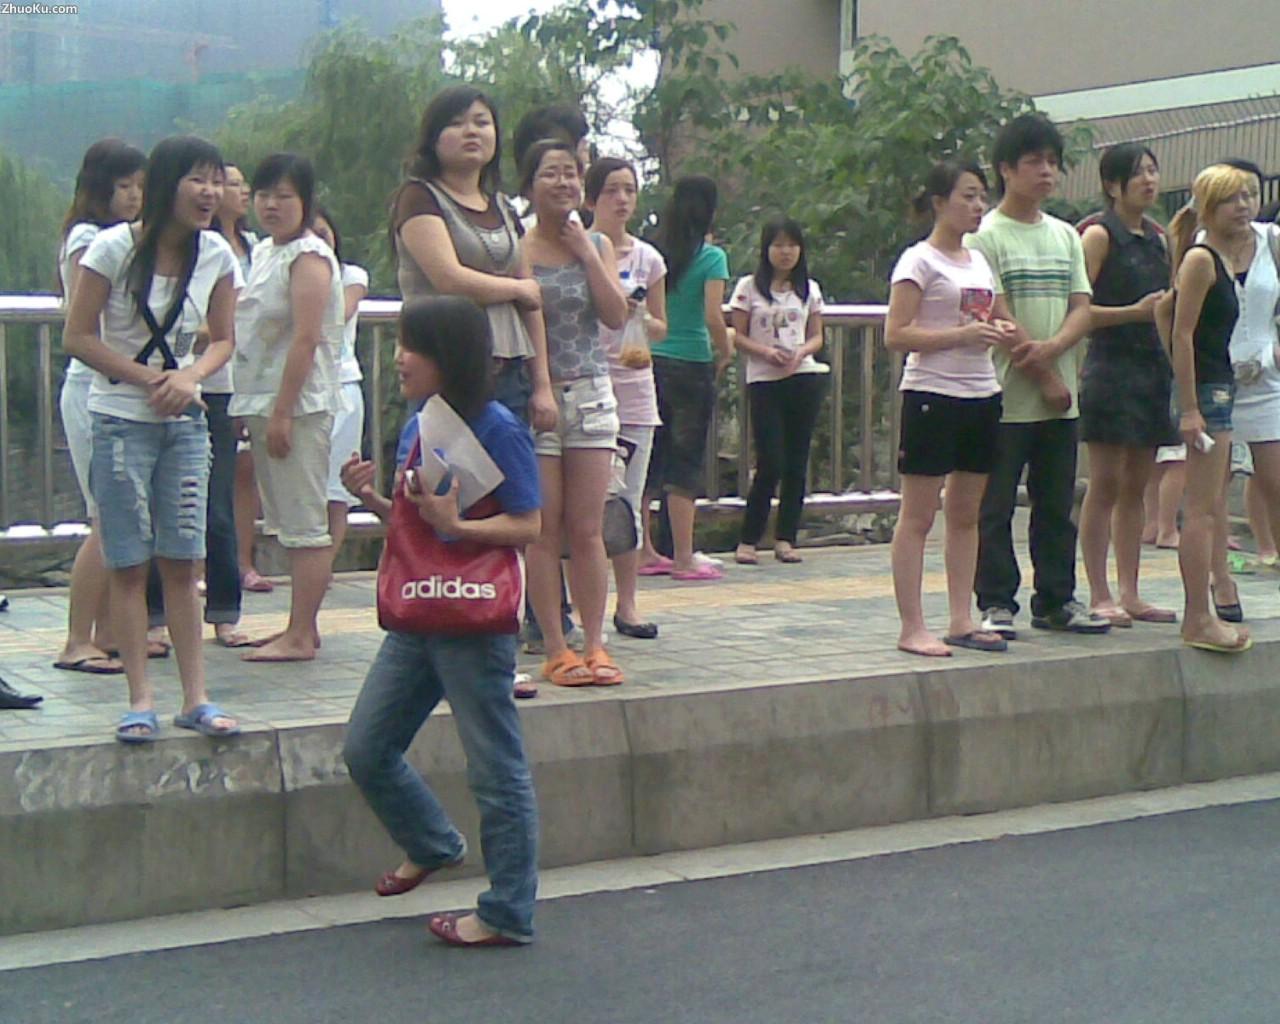 图表 3地震中老师指导疏散学生 四川地震图片 壁纸48 高清图片